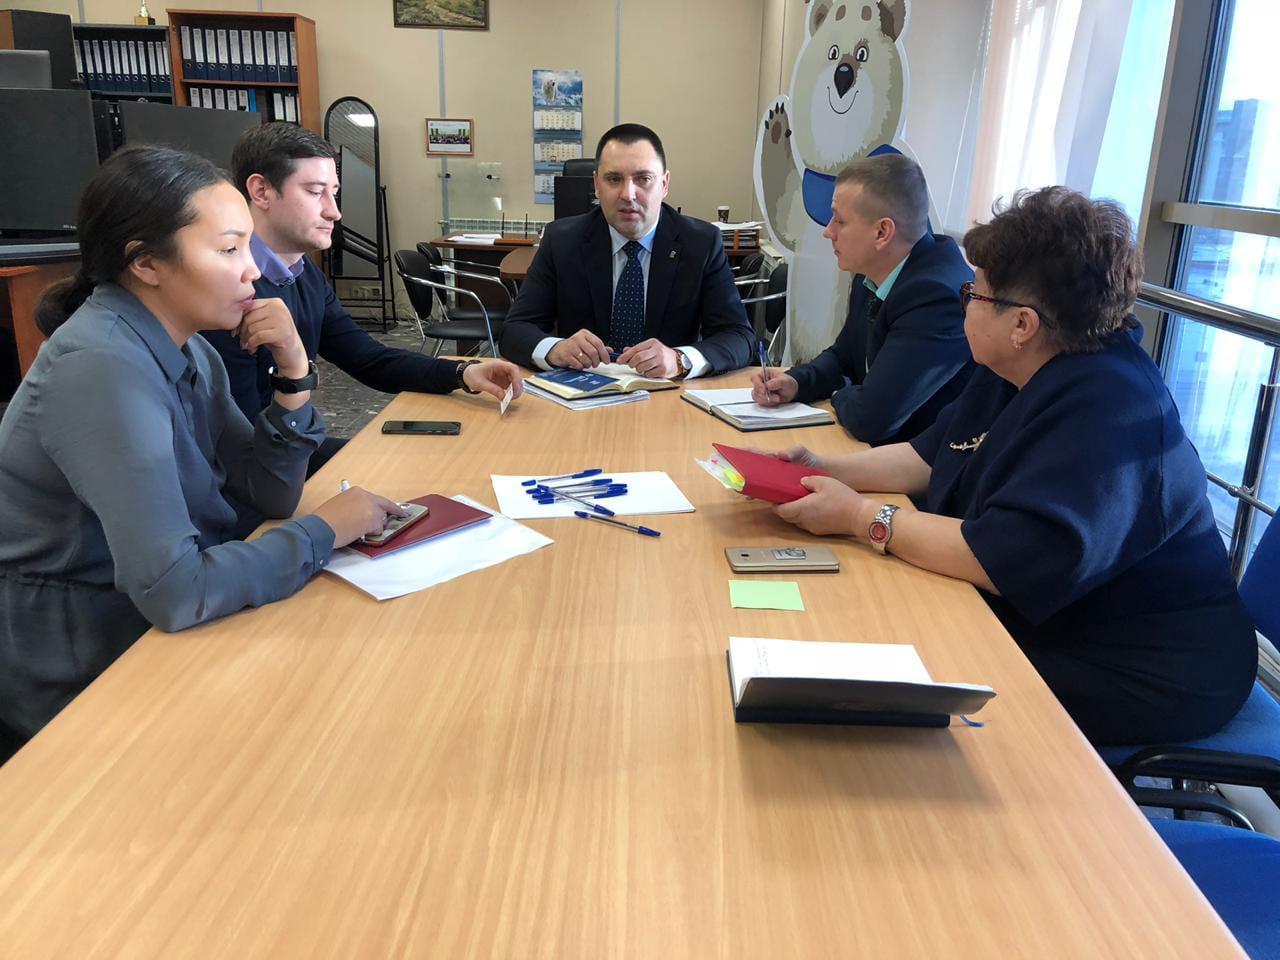 Якутское местное отделение «ЕР» улучшает мобильное приложение в помощь людям с ограниченными возможностями